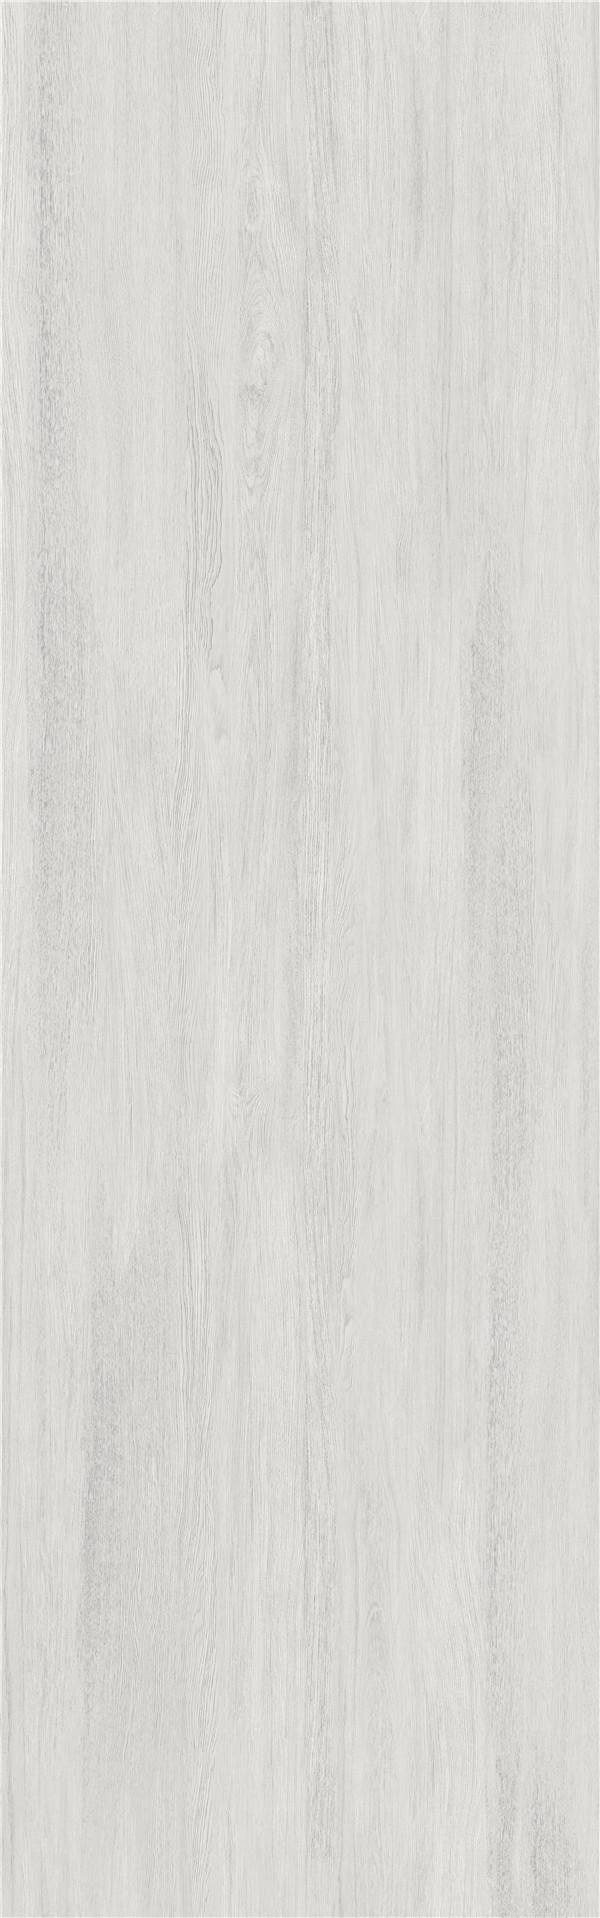 米兰木纹 90-270DBY10303M